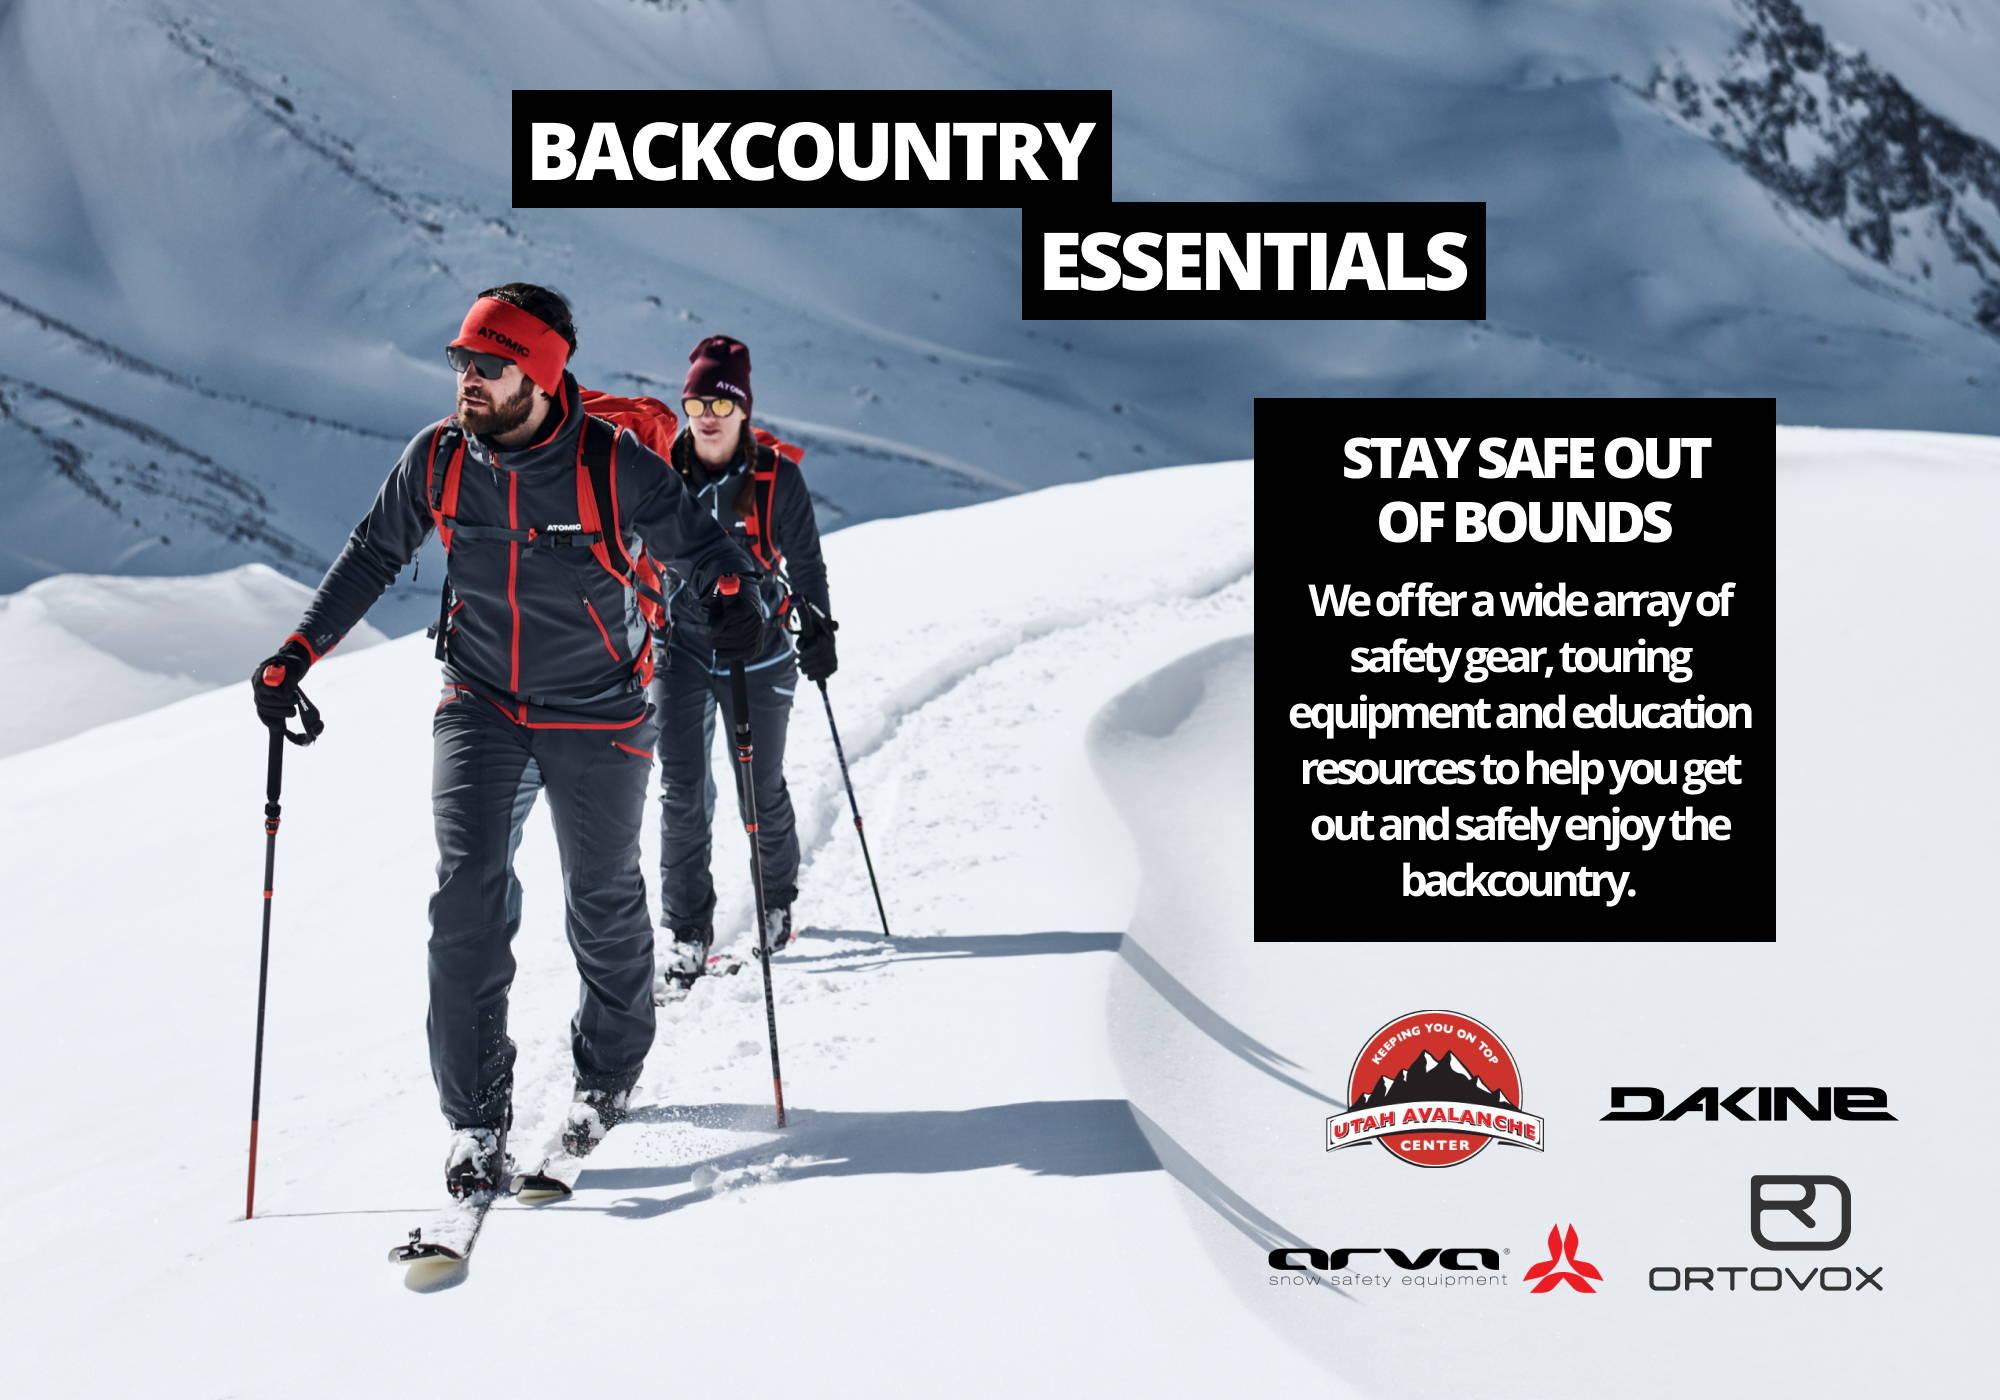 Backcountry Essentials